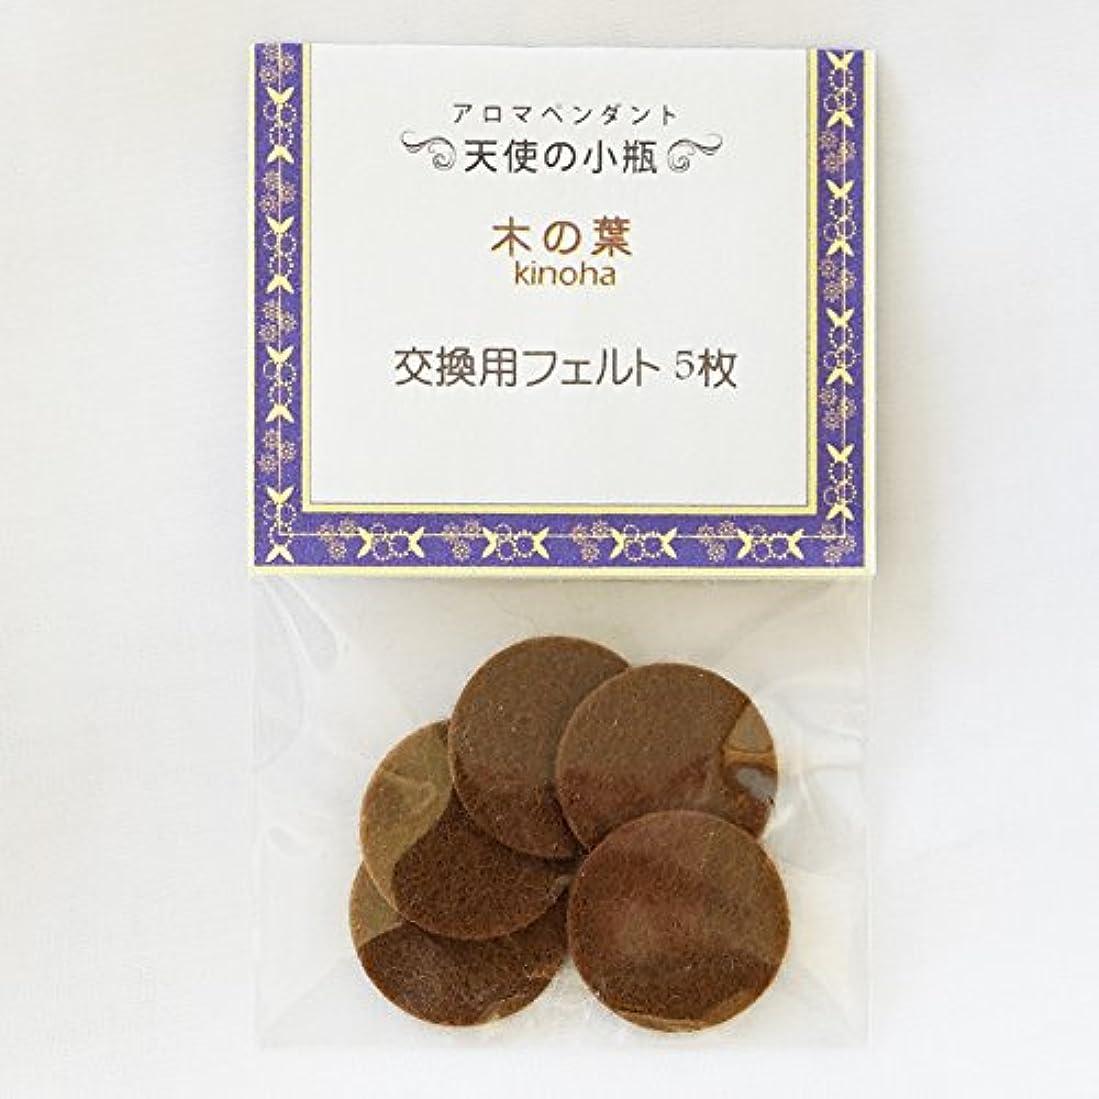 現実にはスローレジデンス【天使の小瓶】 木の葉(アンティークゴールド)交換用フェルト5枚